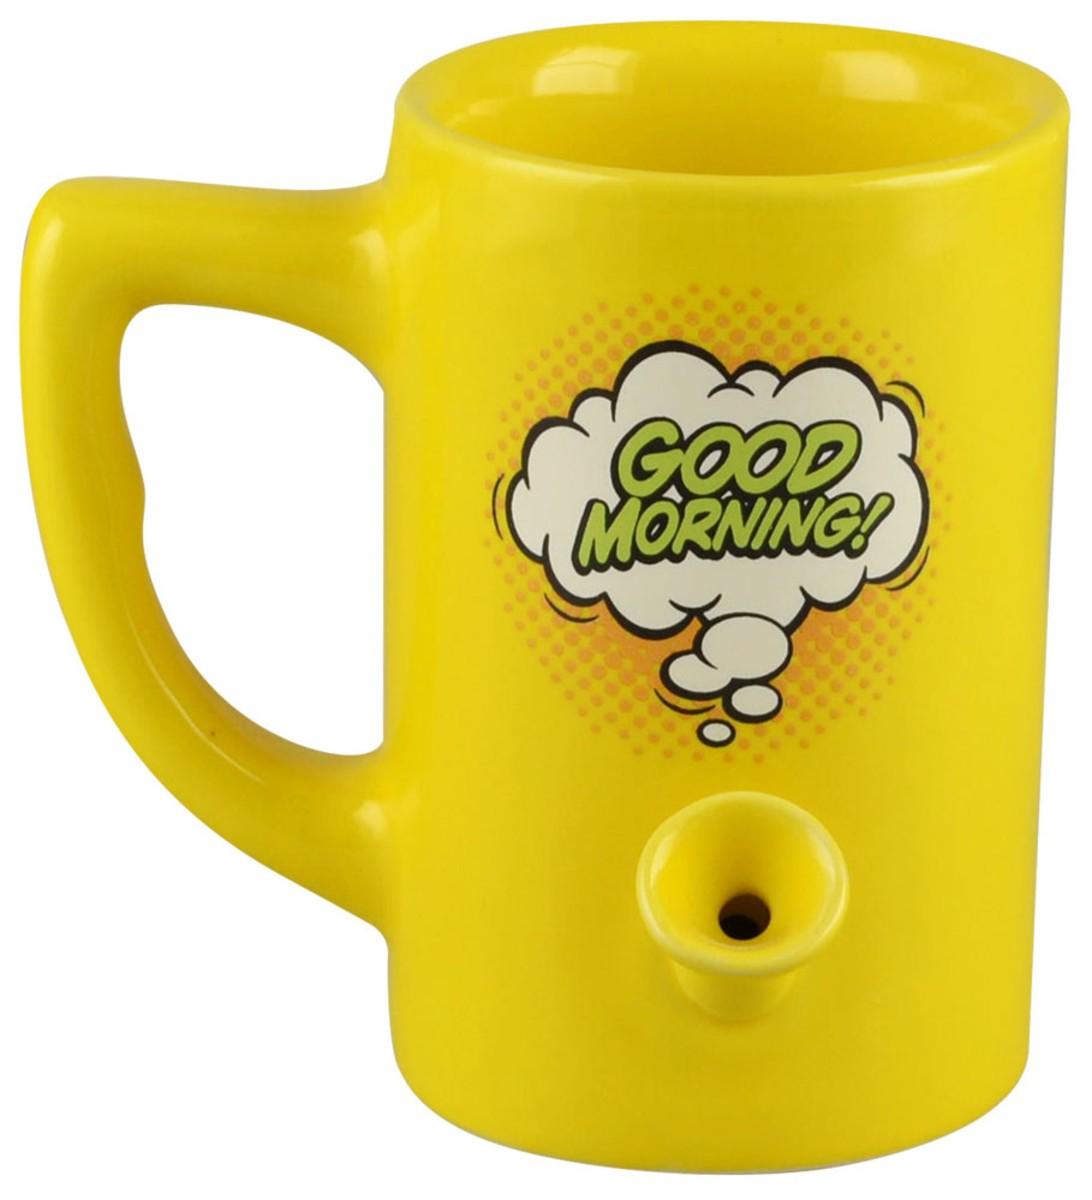 Ceramic Water Pipe Mug - 8oz / Good Morning